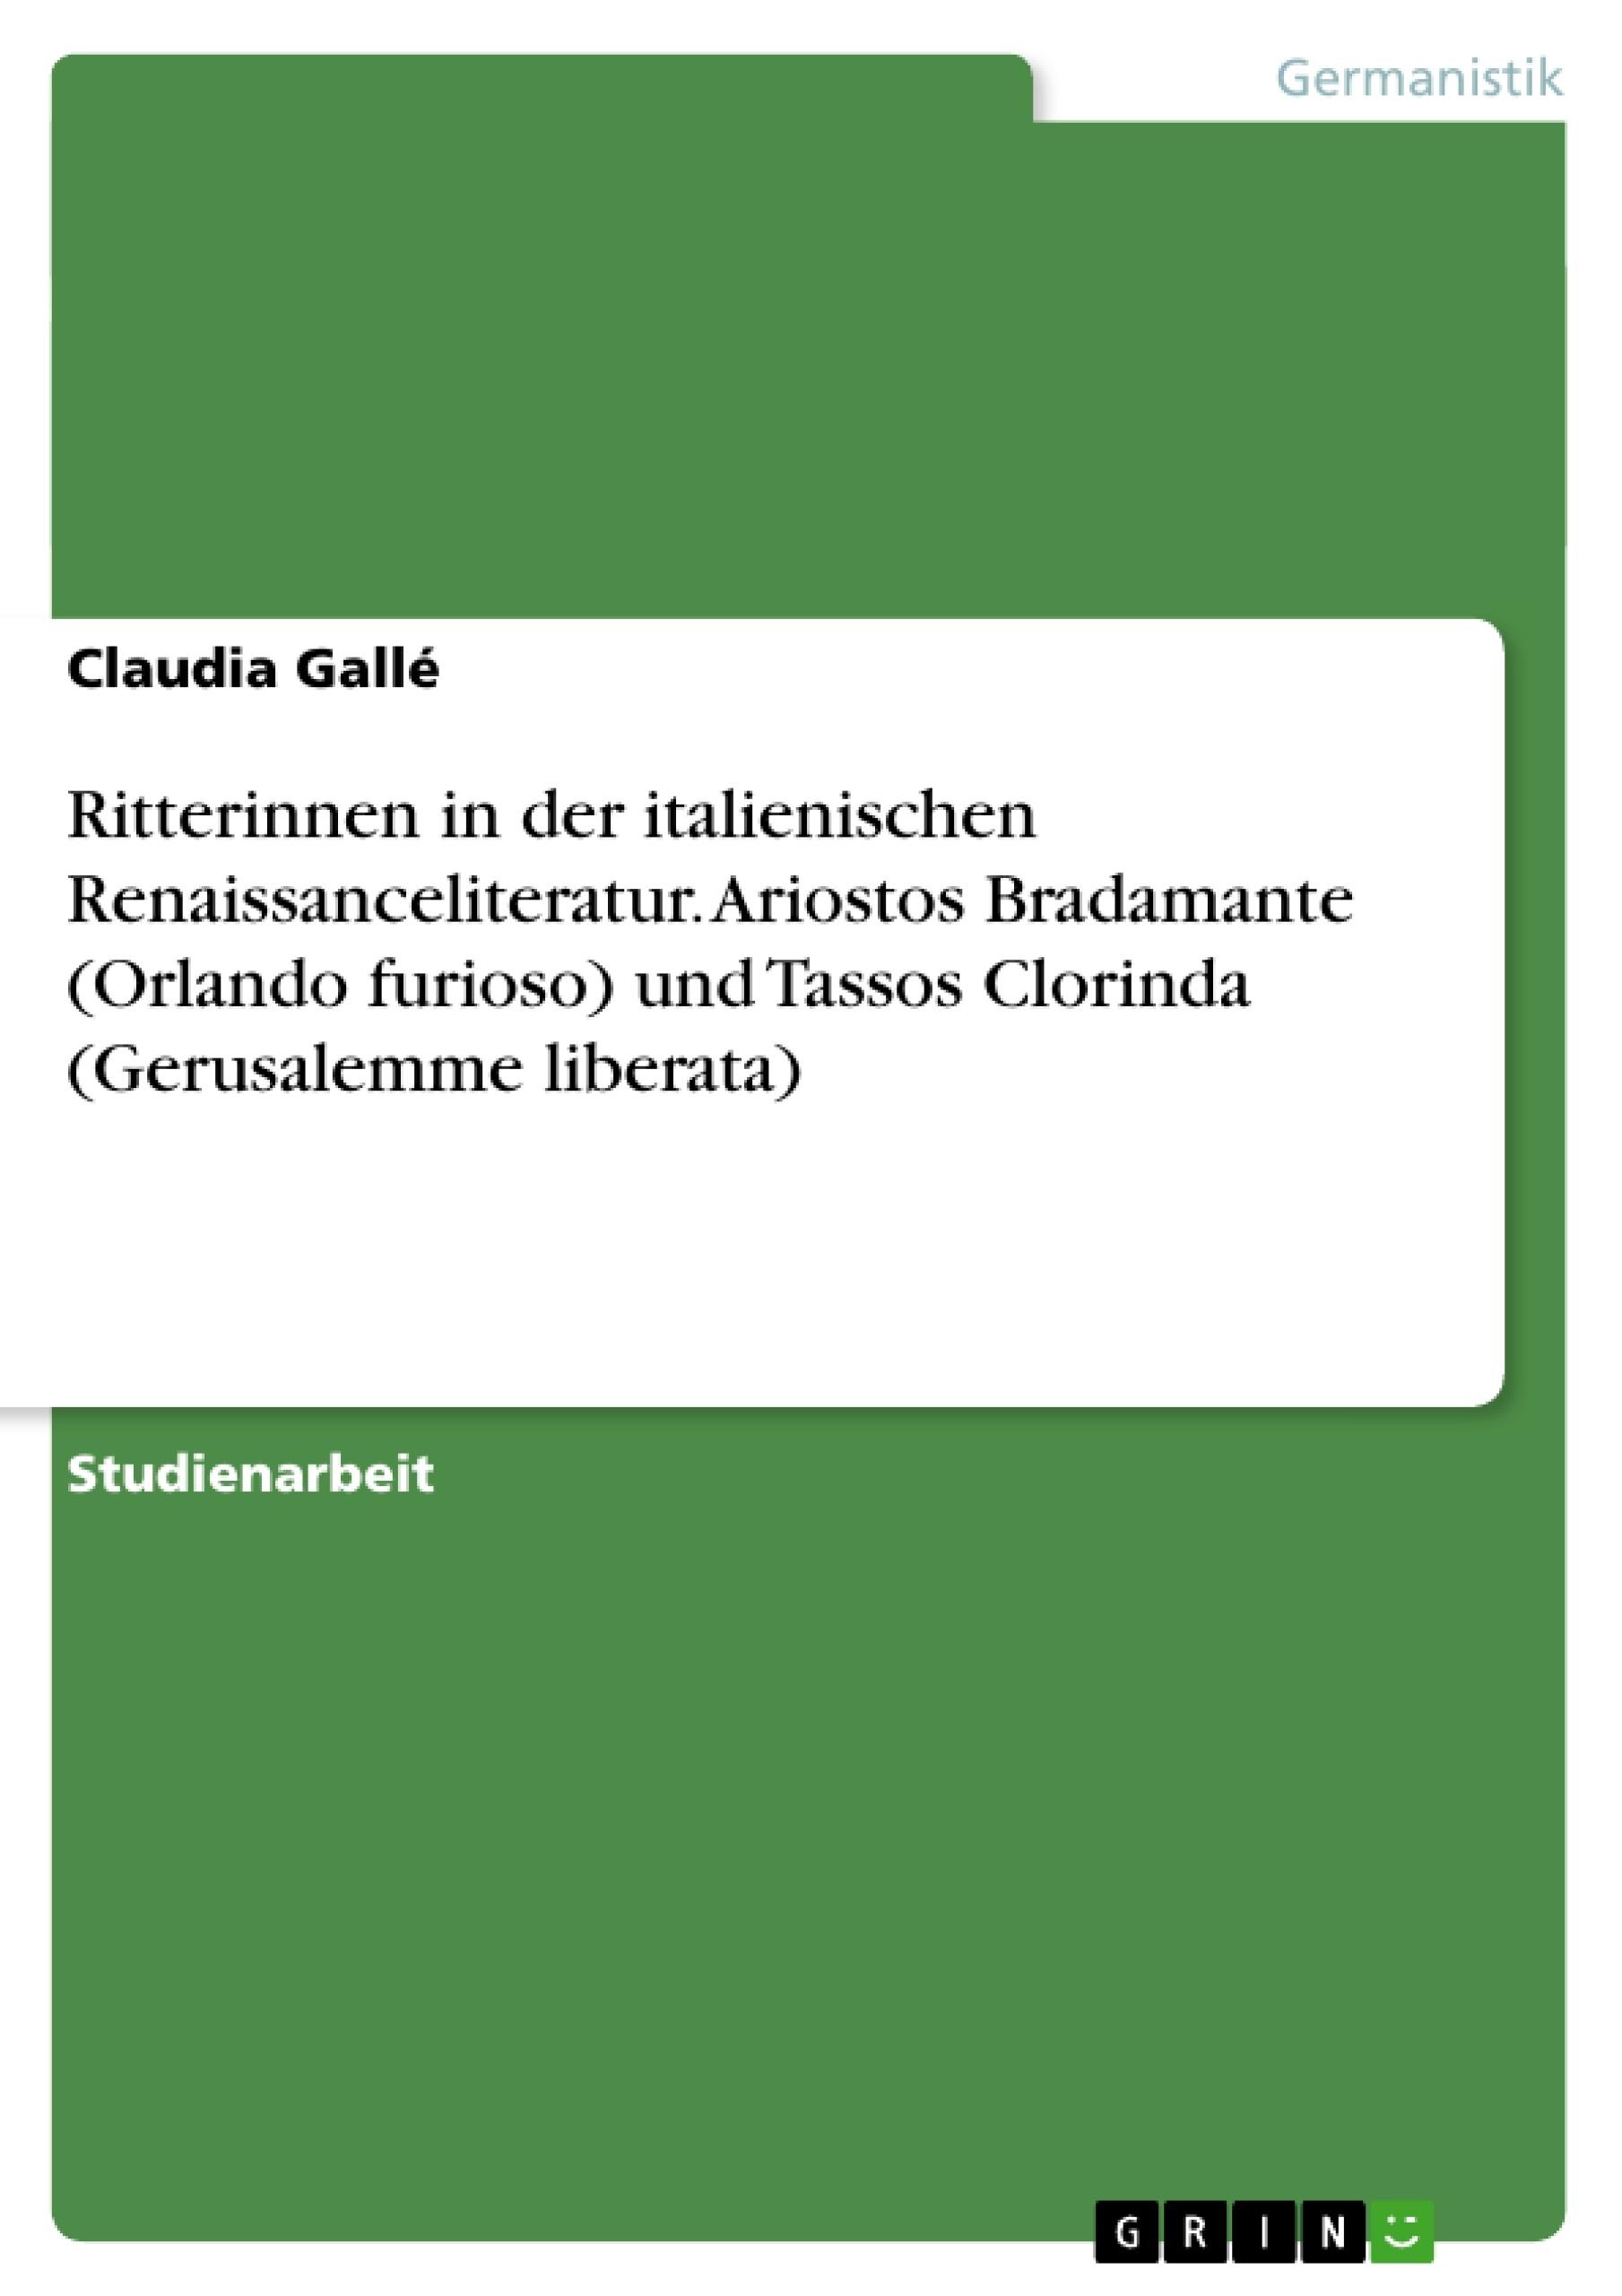 Titel: Ritterinnen in der italienischen Renaissanceliteratur. Ariostos Bradamante (Orlando furioso) und Tassos Clorinda (Gerusalemme liberata)